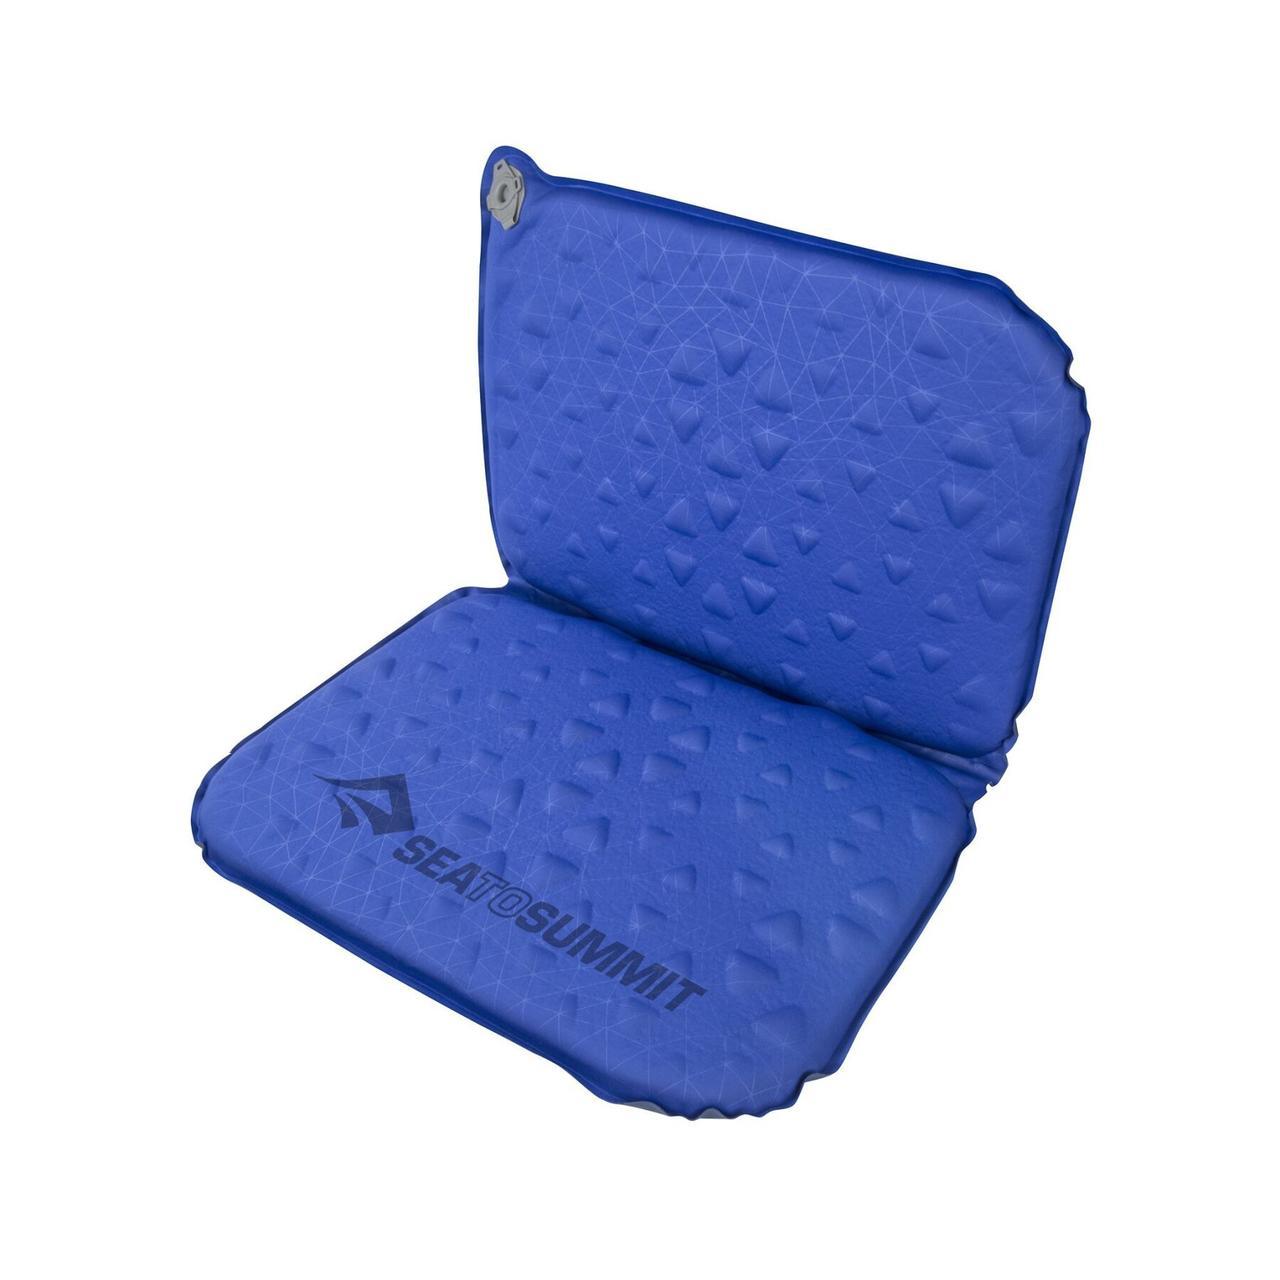 Самонадувной сидушка Sea To Summit - Self Inflating Delta V Deluxe Seat Indigo, 40 см х 30 см х 5 см (STS AMSIDSD)